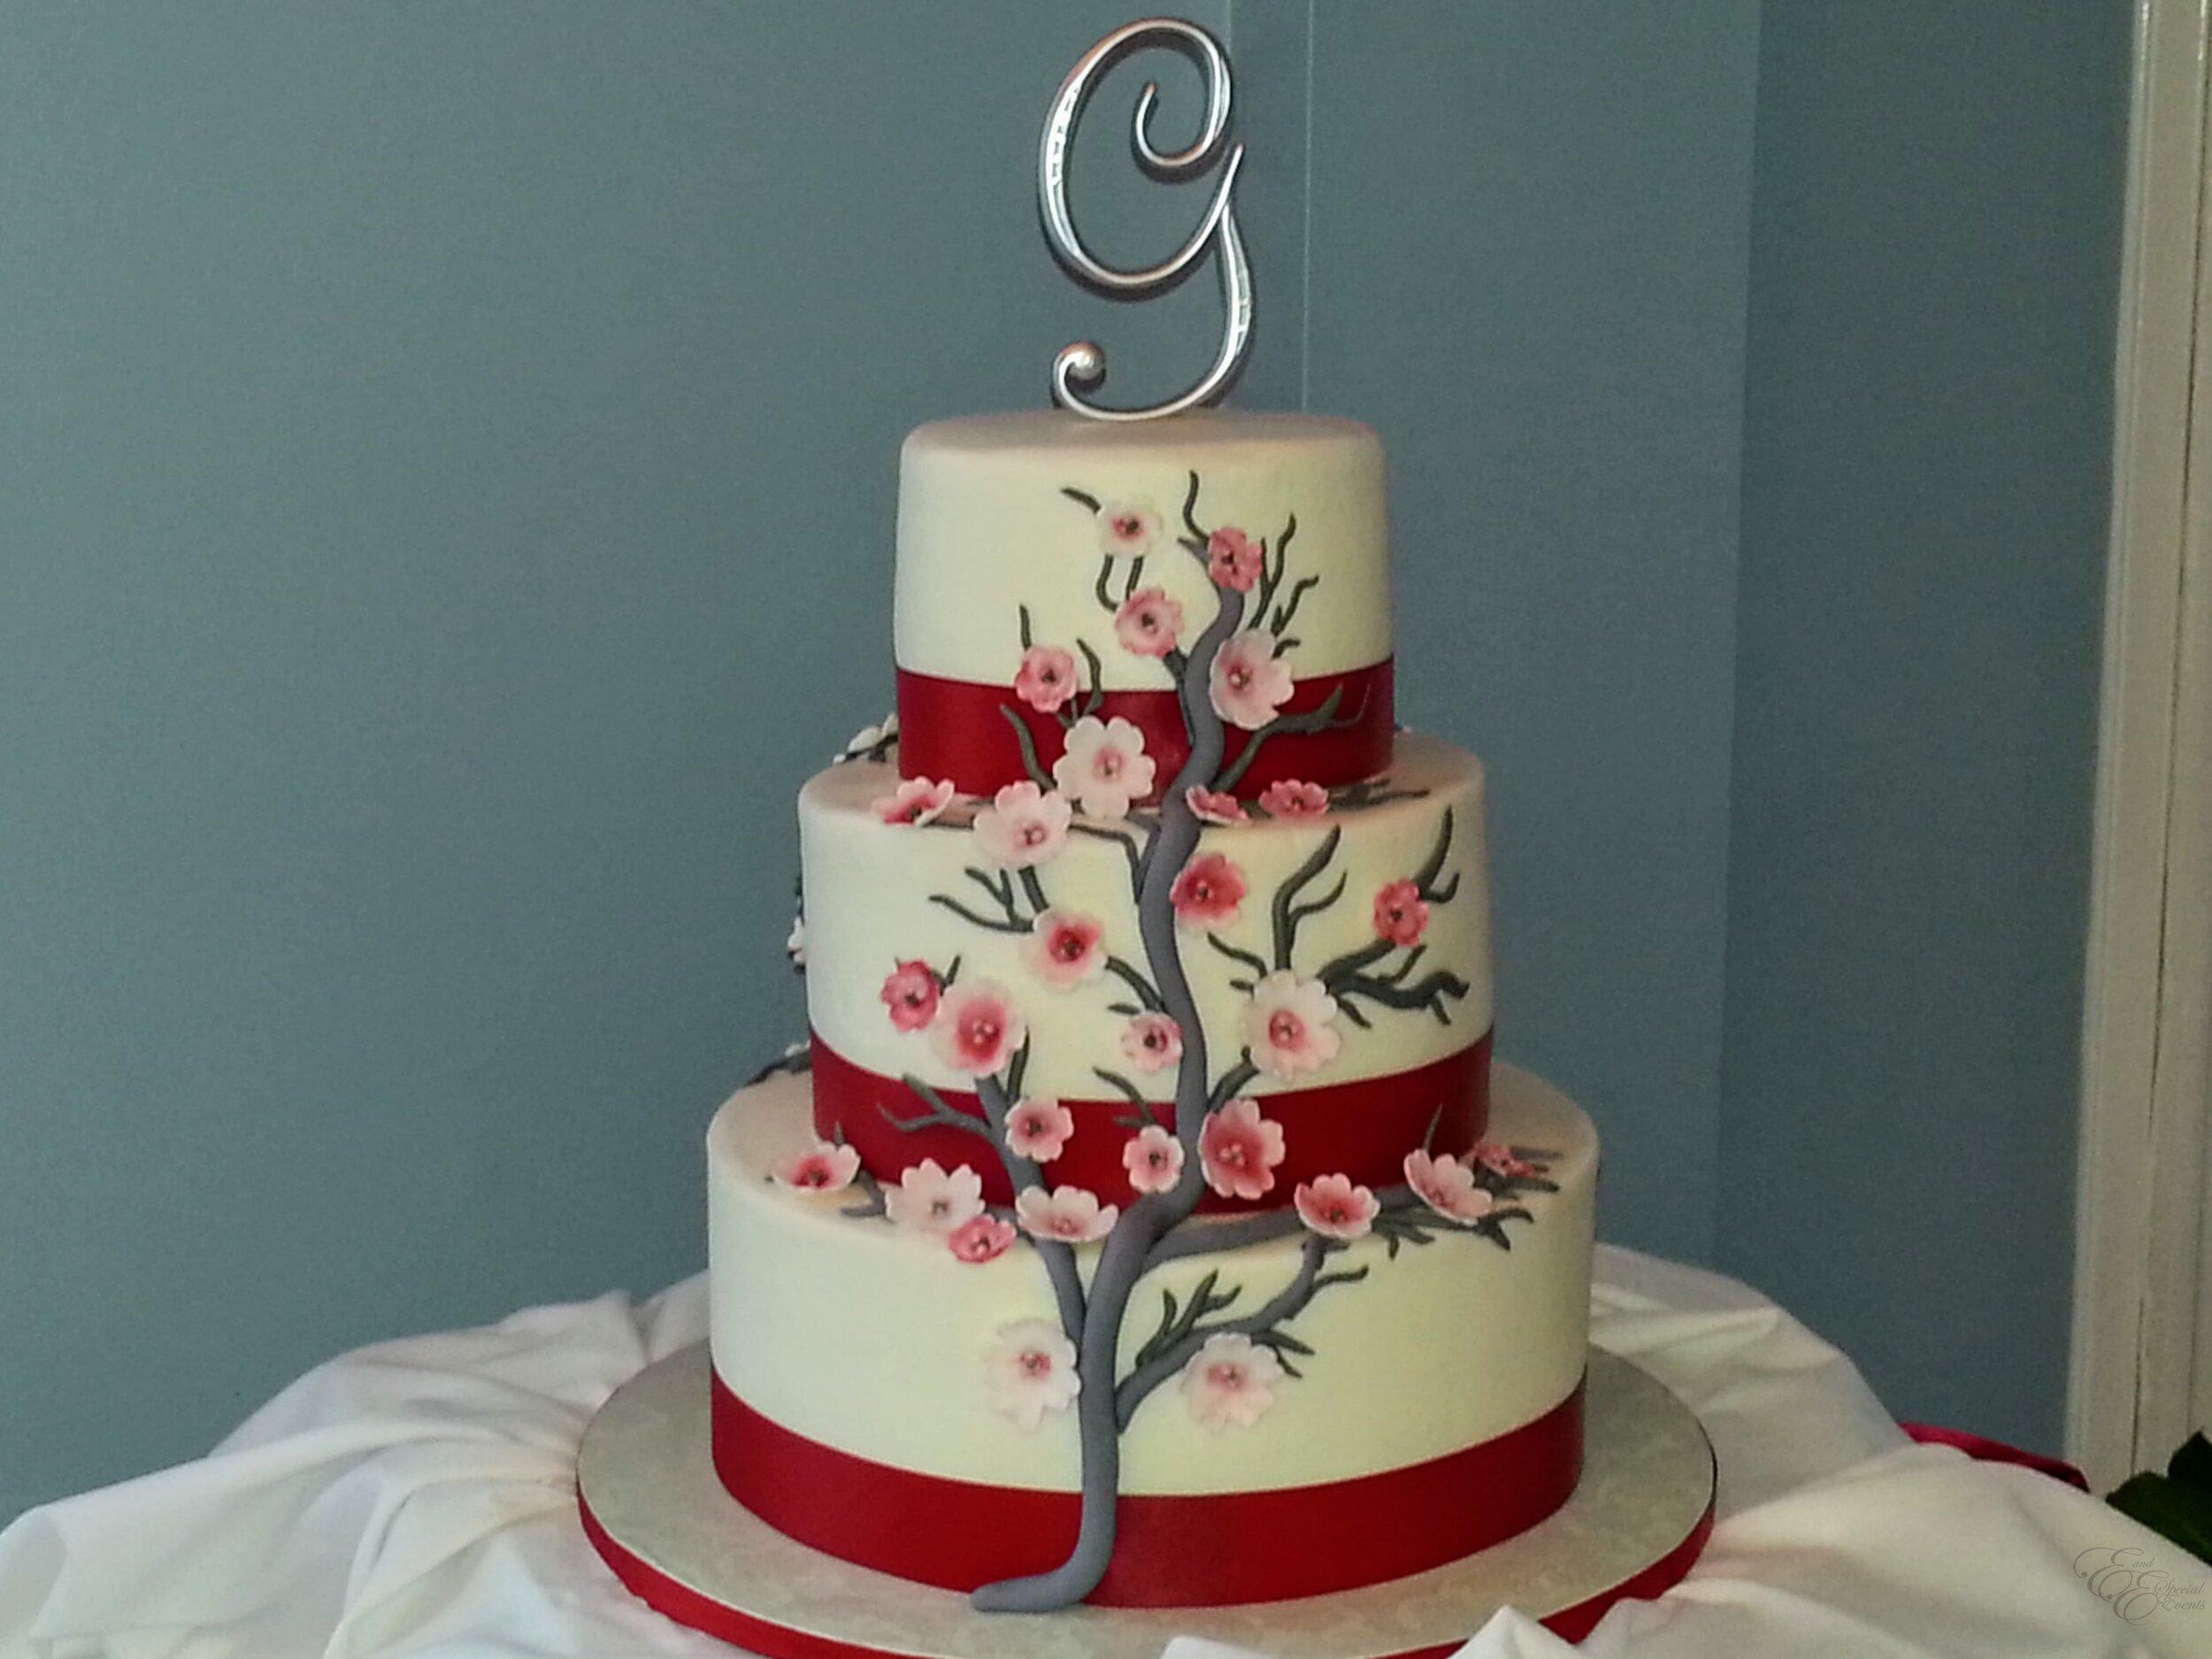 wedding_cakes_E_and_E_Special_Events_virginia_beach_20.jpg